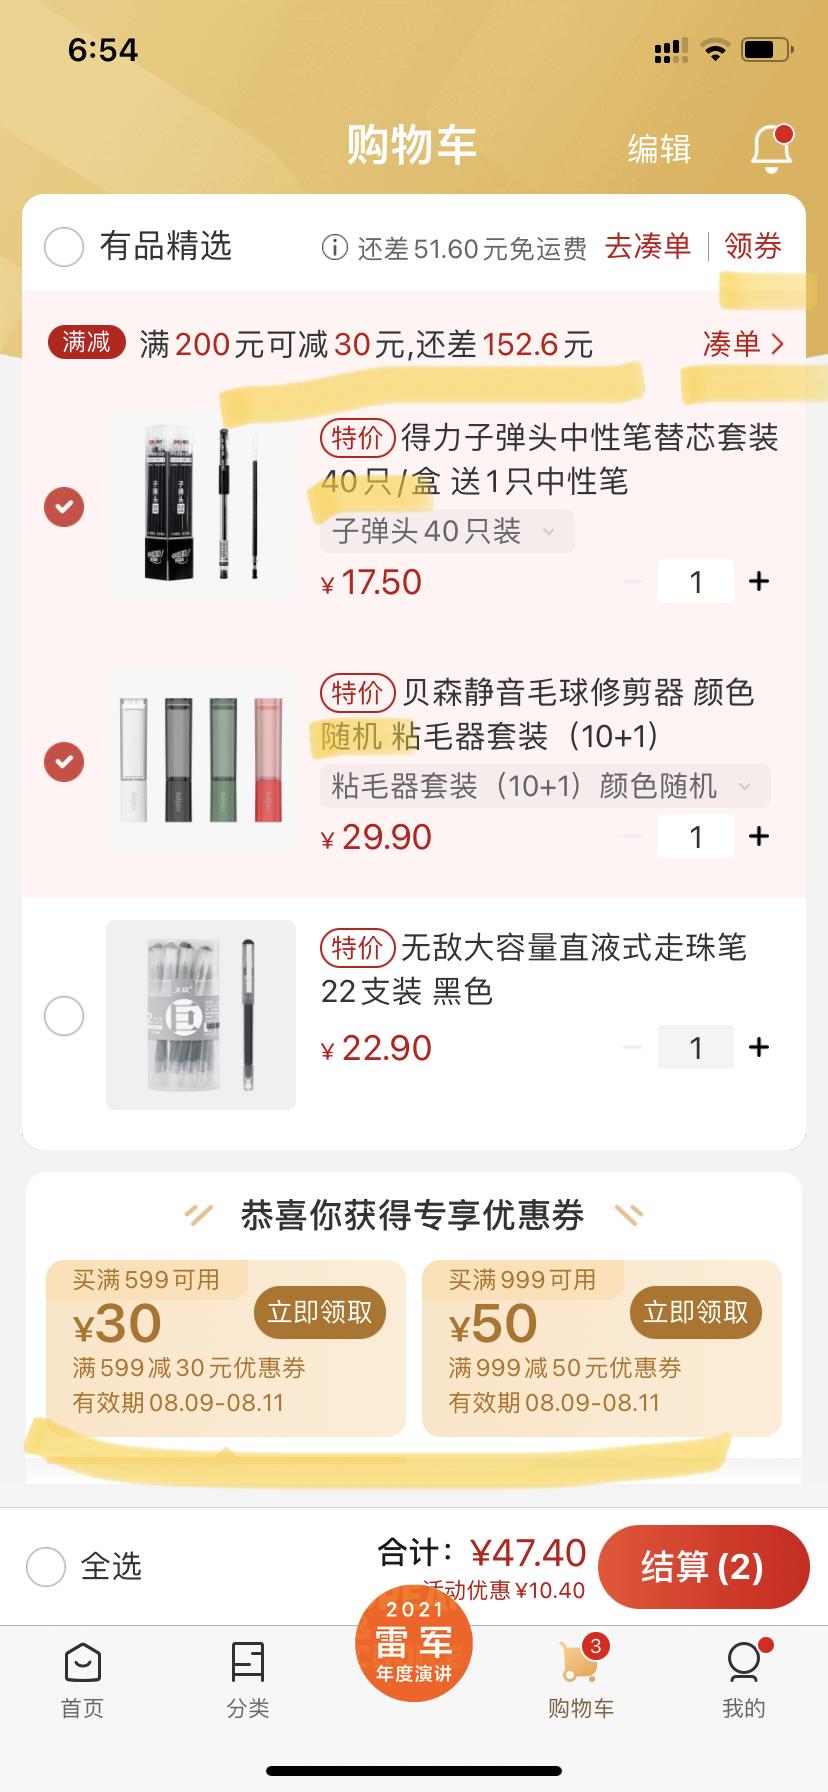 小米有品产品分析报告 小米有品 第59张